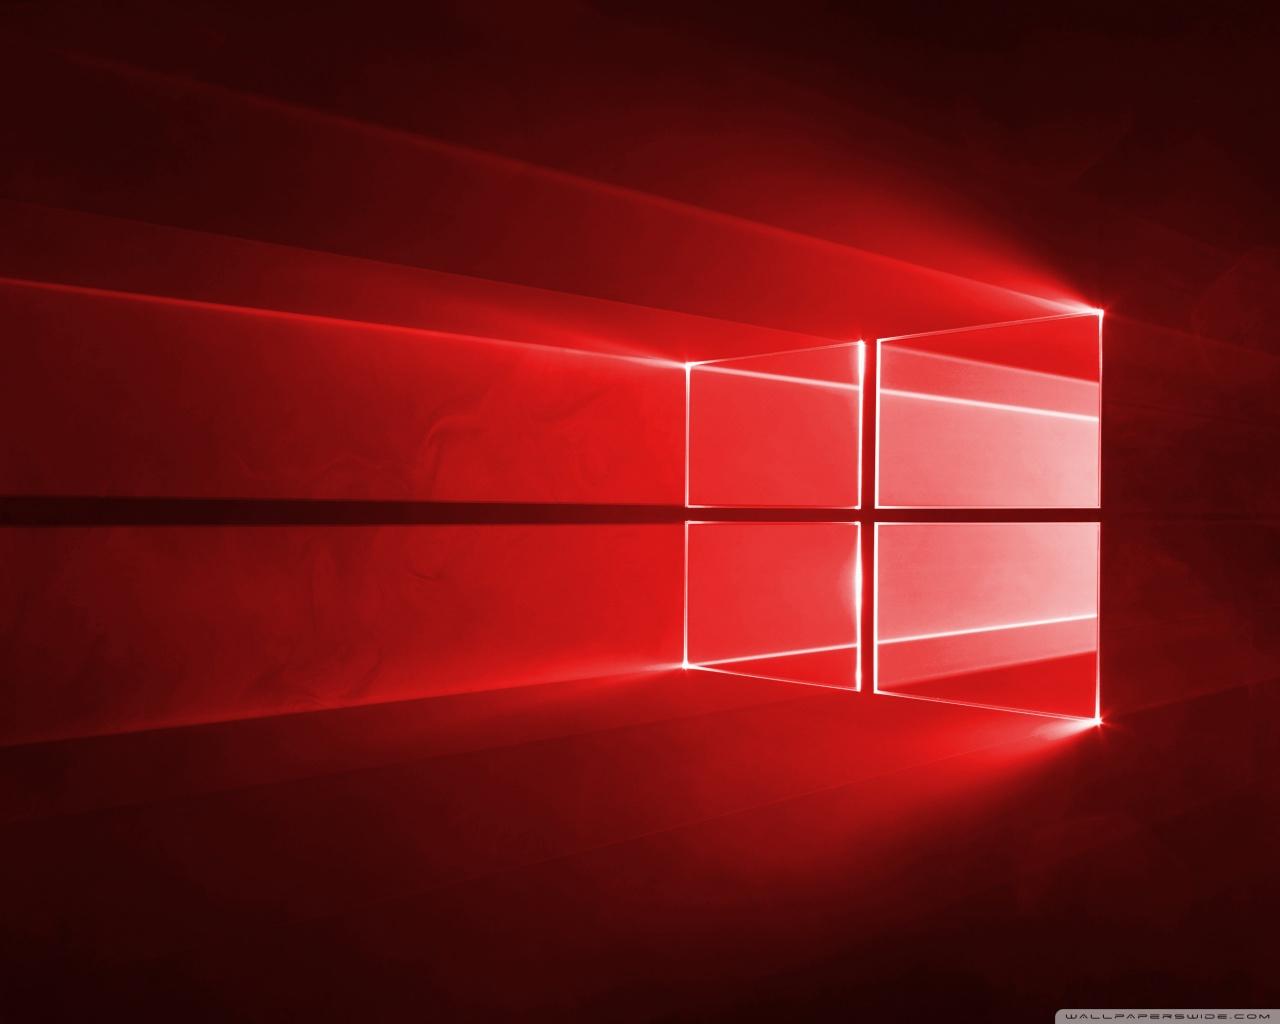 red windows 10 wallpaper,red,light,lighting,shelf,line